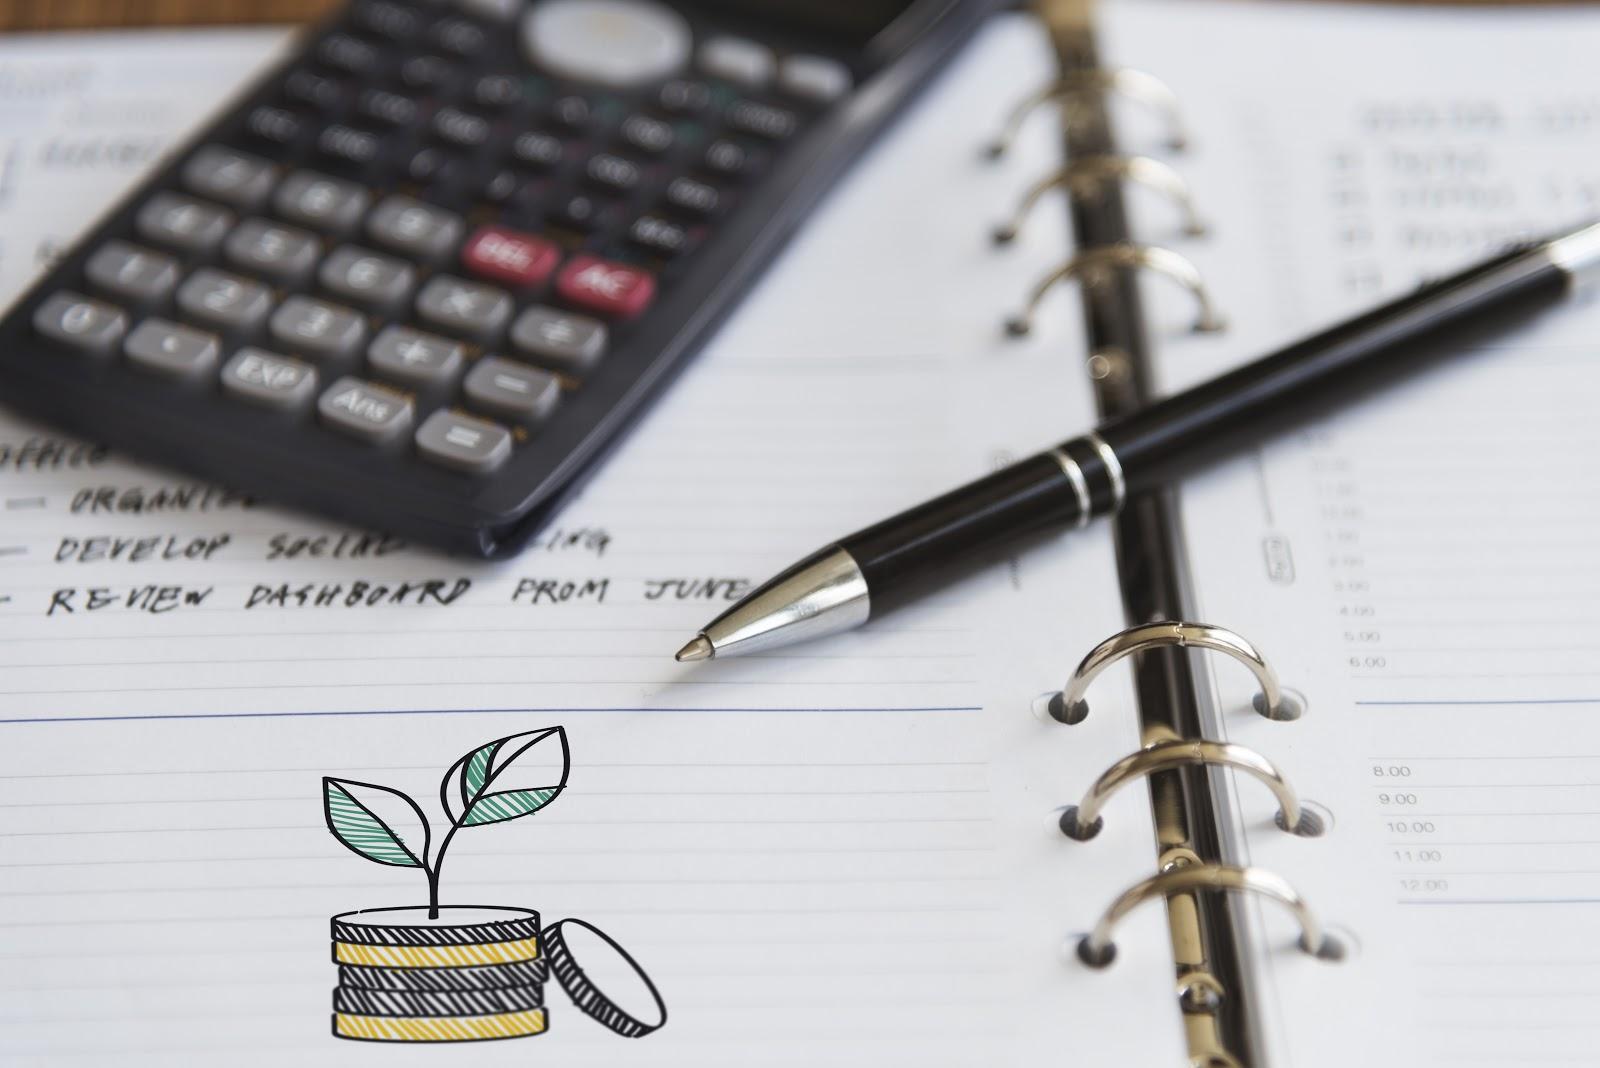 Um caderno com uma calculadora e uma caneta em cima.